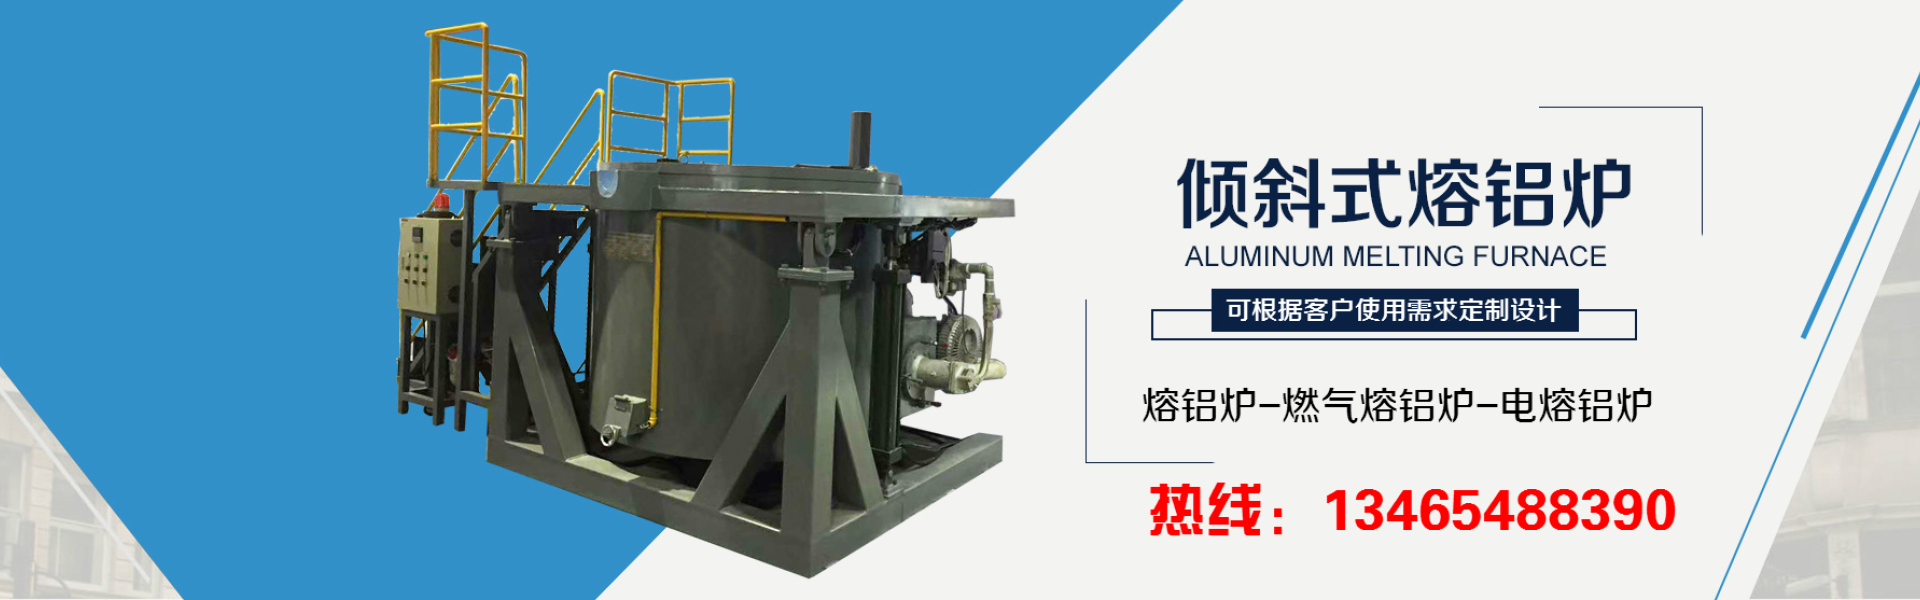 坩埚shi电熔铝炉